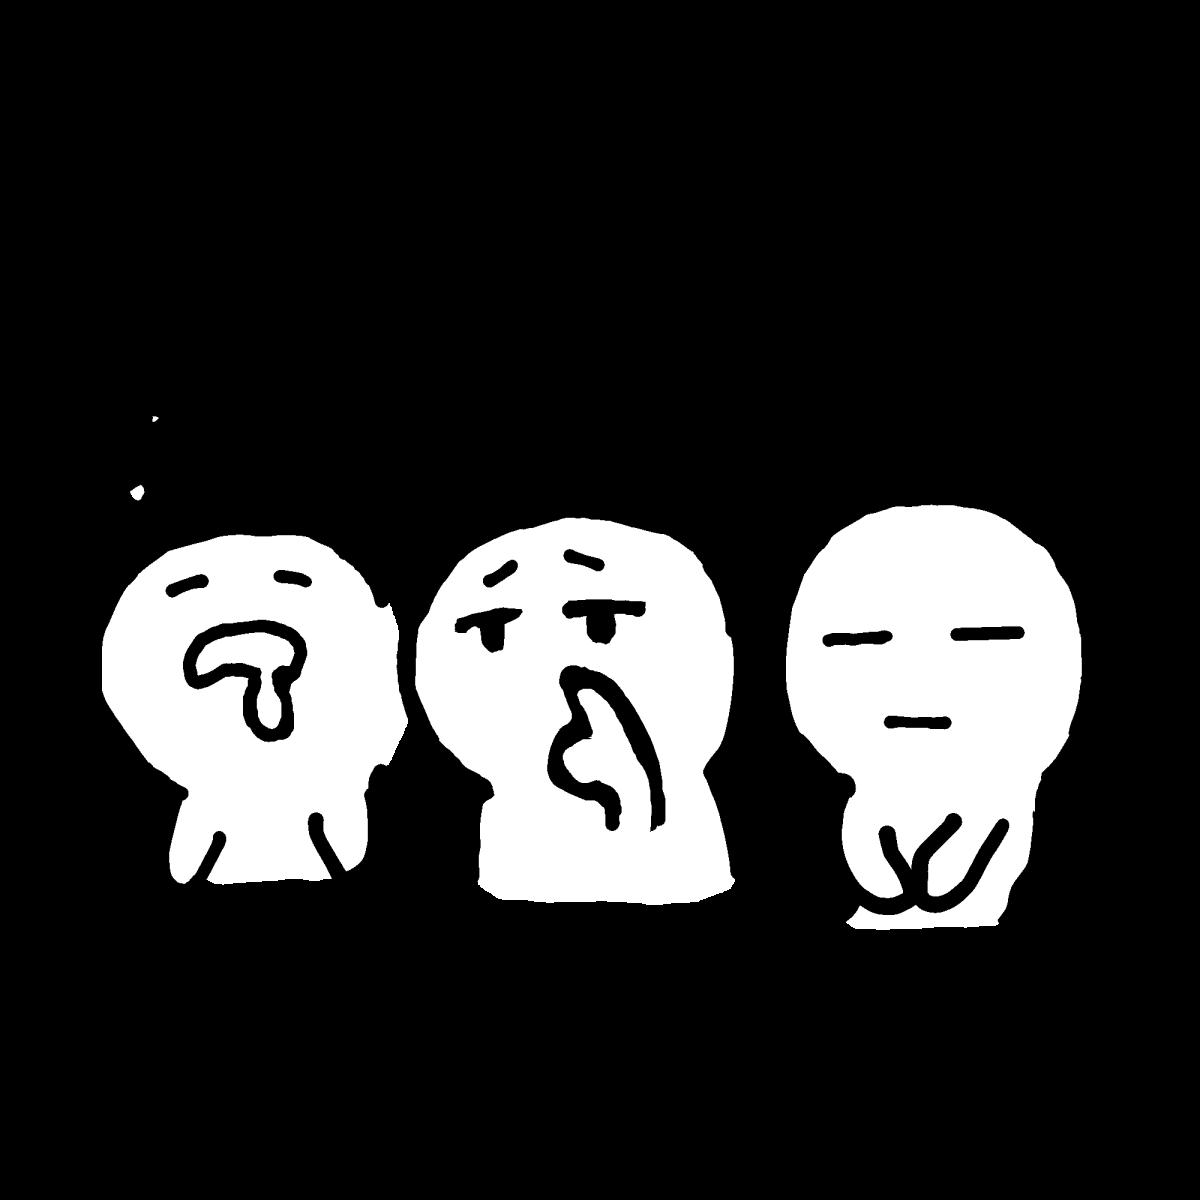 仲間としらけるのイラスト / Lose touch with friends Illustration